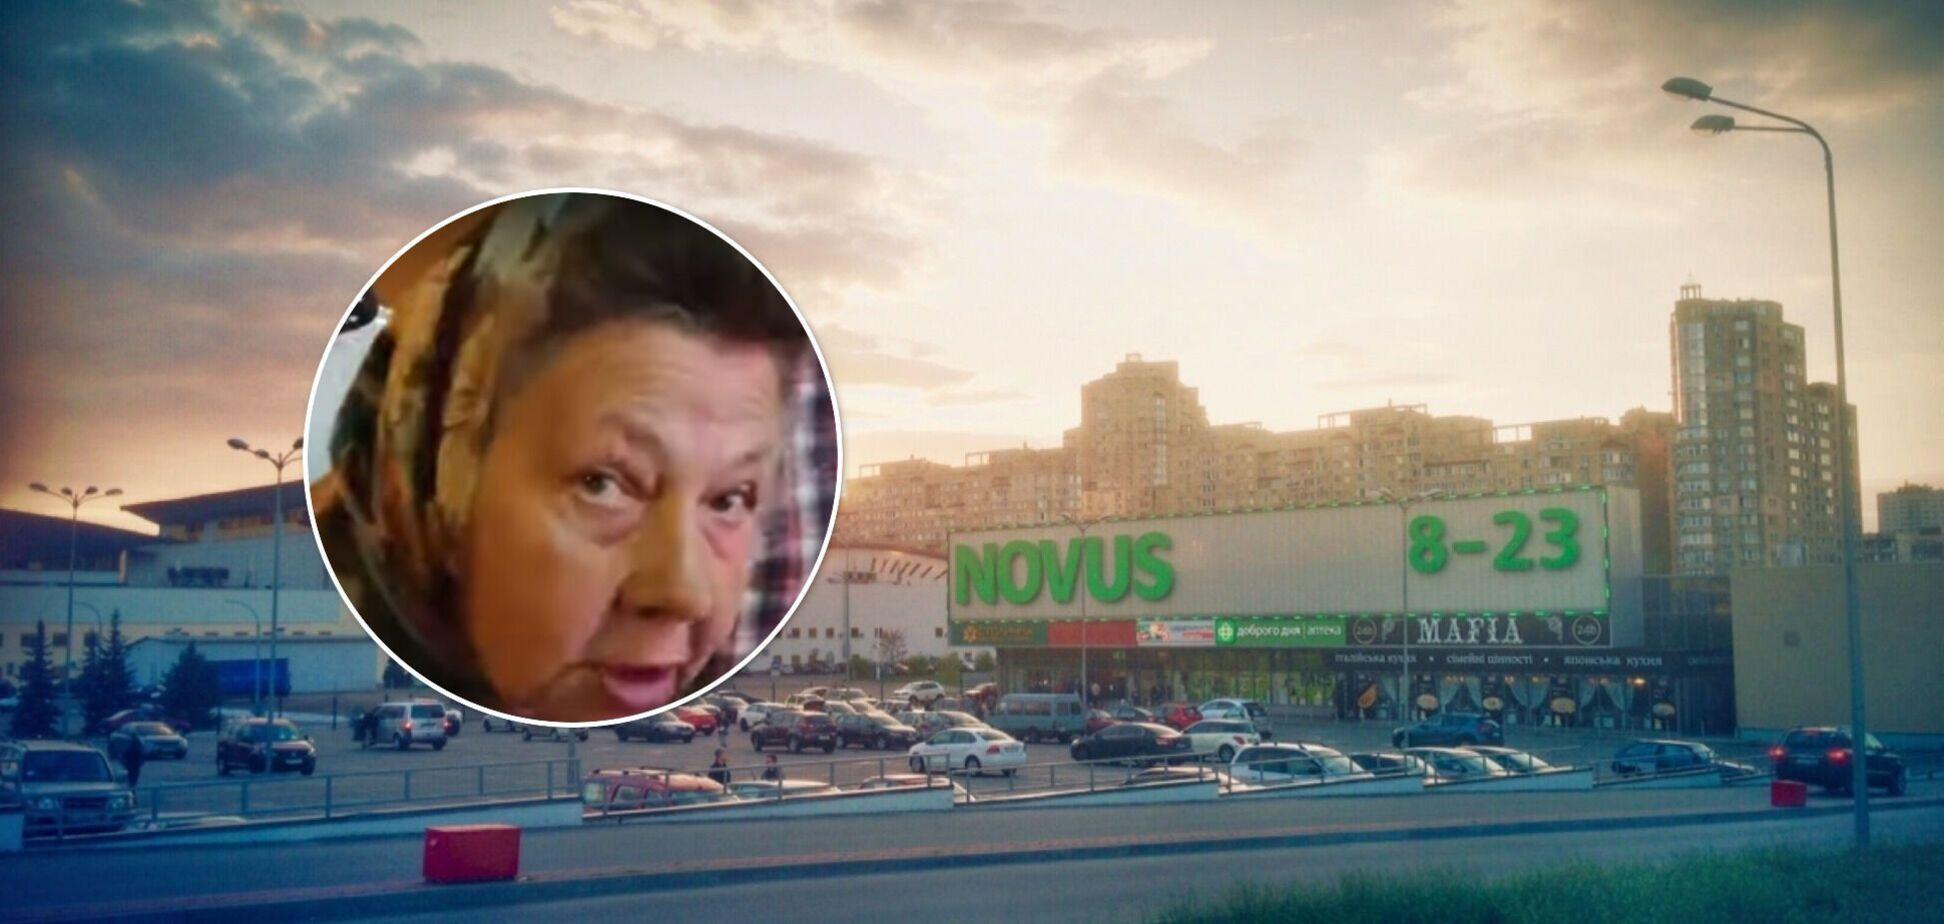 В Киеве бабушка клянчила у людей деньги, а затем уезжала домой на такси. Видео